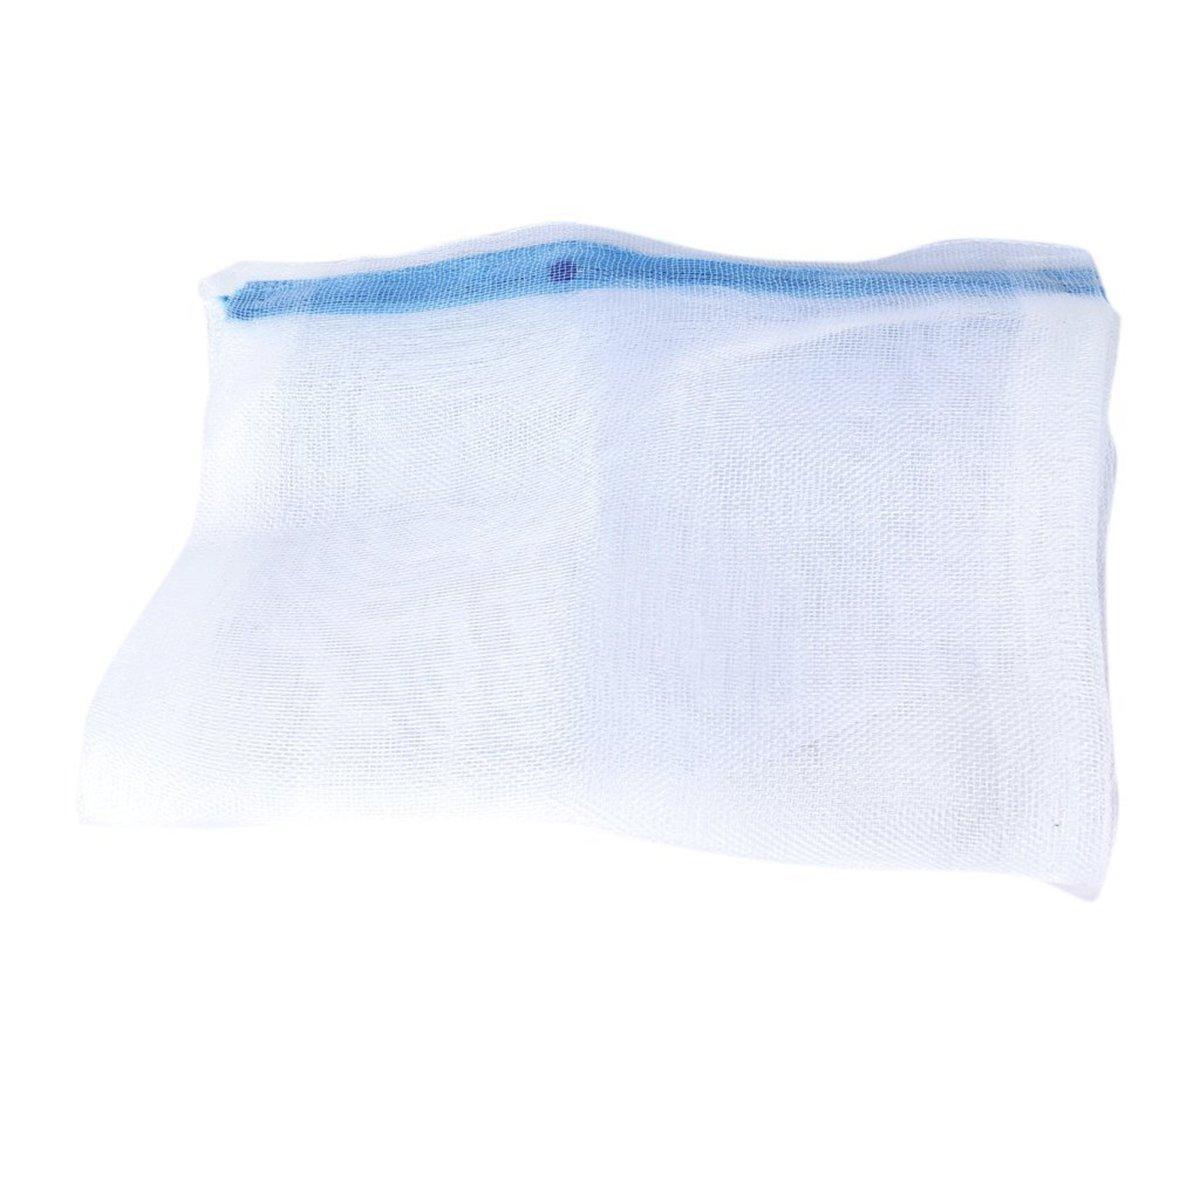 UKCOCO 5 Piezas de Medios de Filtro de Estanque para acuarios, Bolsas de Malla de Nylon con Cremallera (Color de Cremallera Rancom)